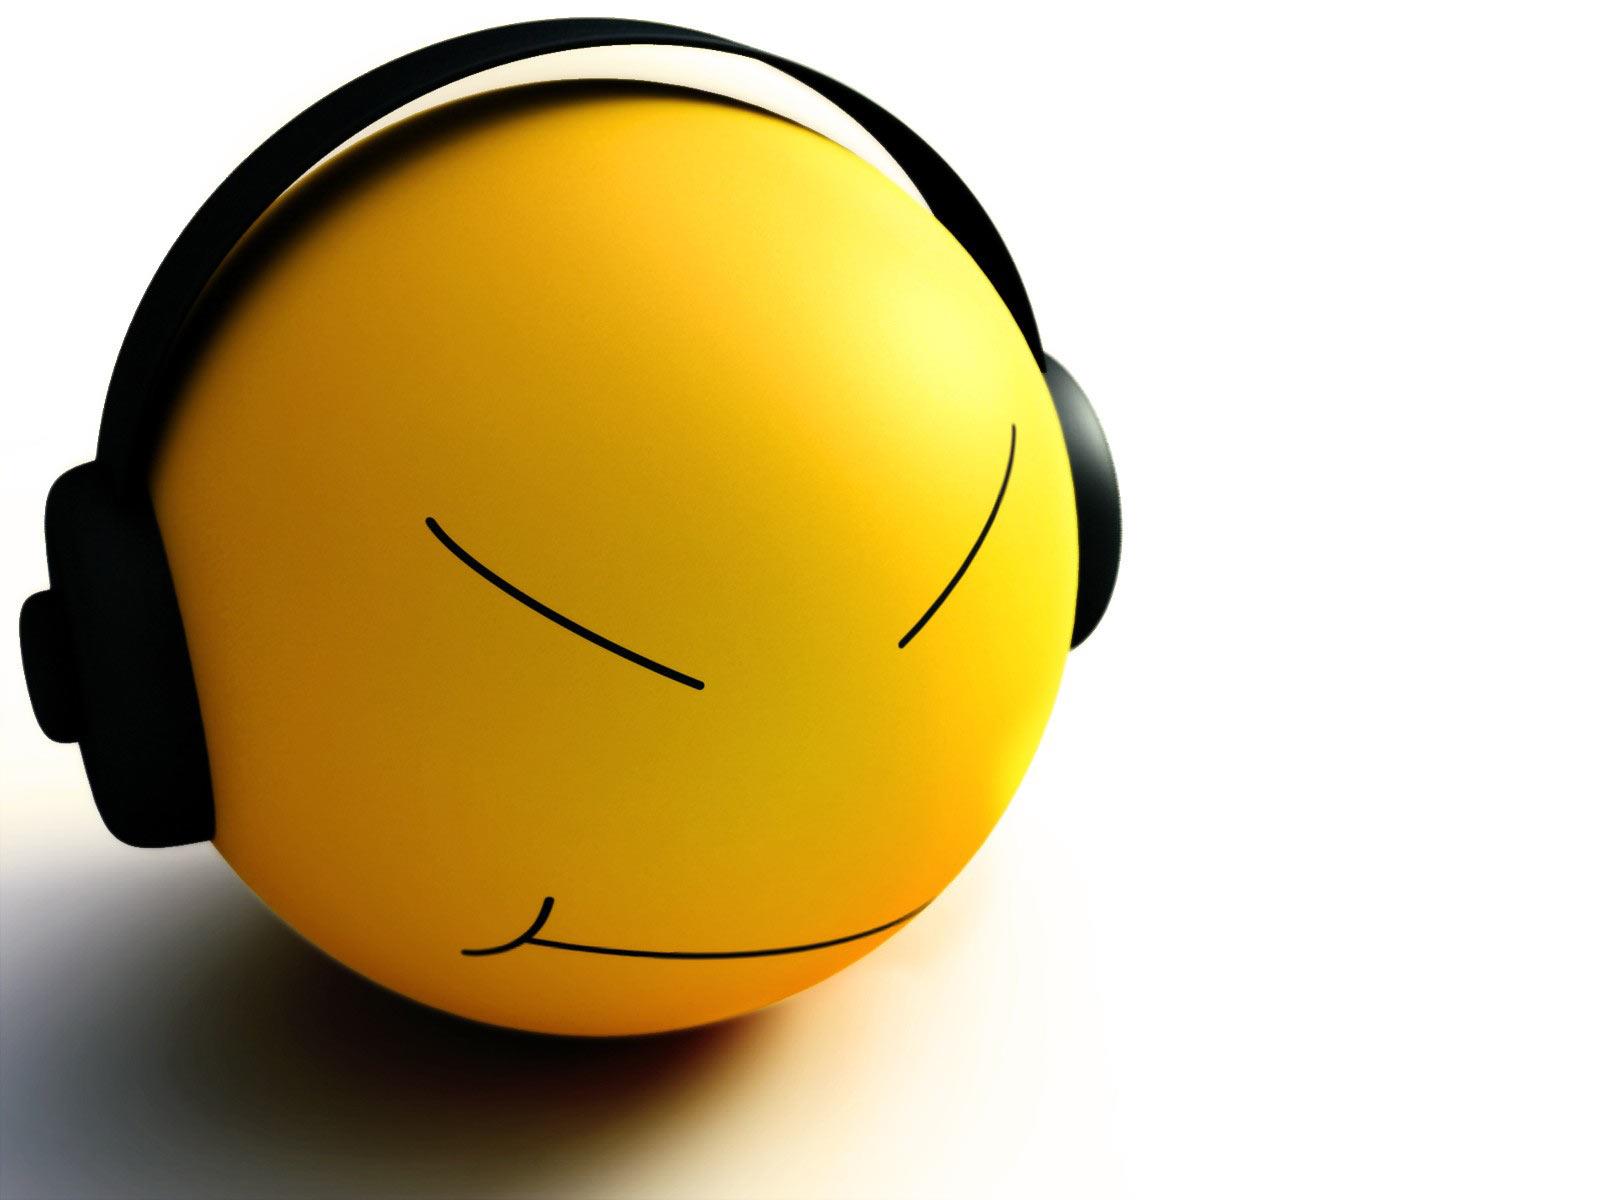 http://3.bp.blogspot.com/_wNRrISXI7pU/S7wS46XB1OI/AAAAAAAAAC4/1Qw-ORGAi80/s1600/Messenger_Music.jpg